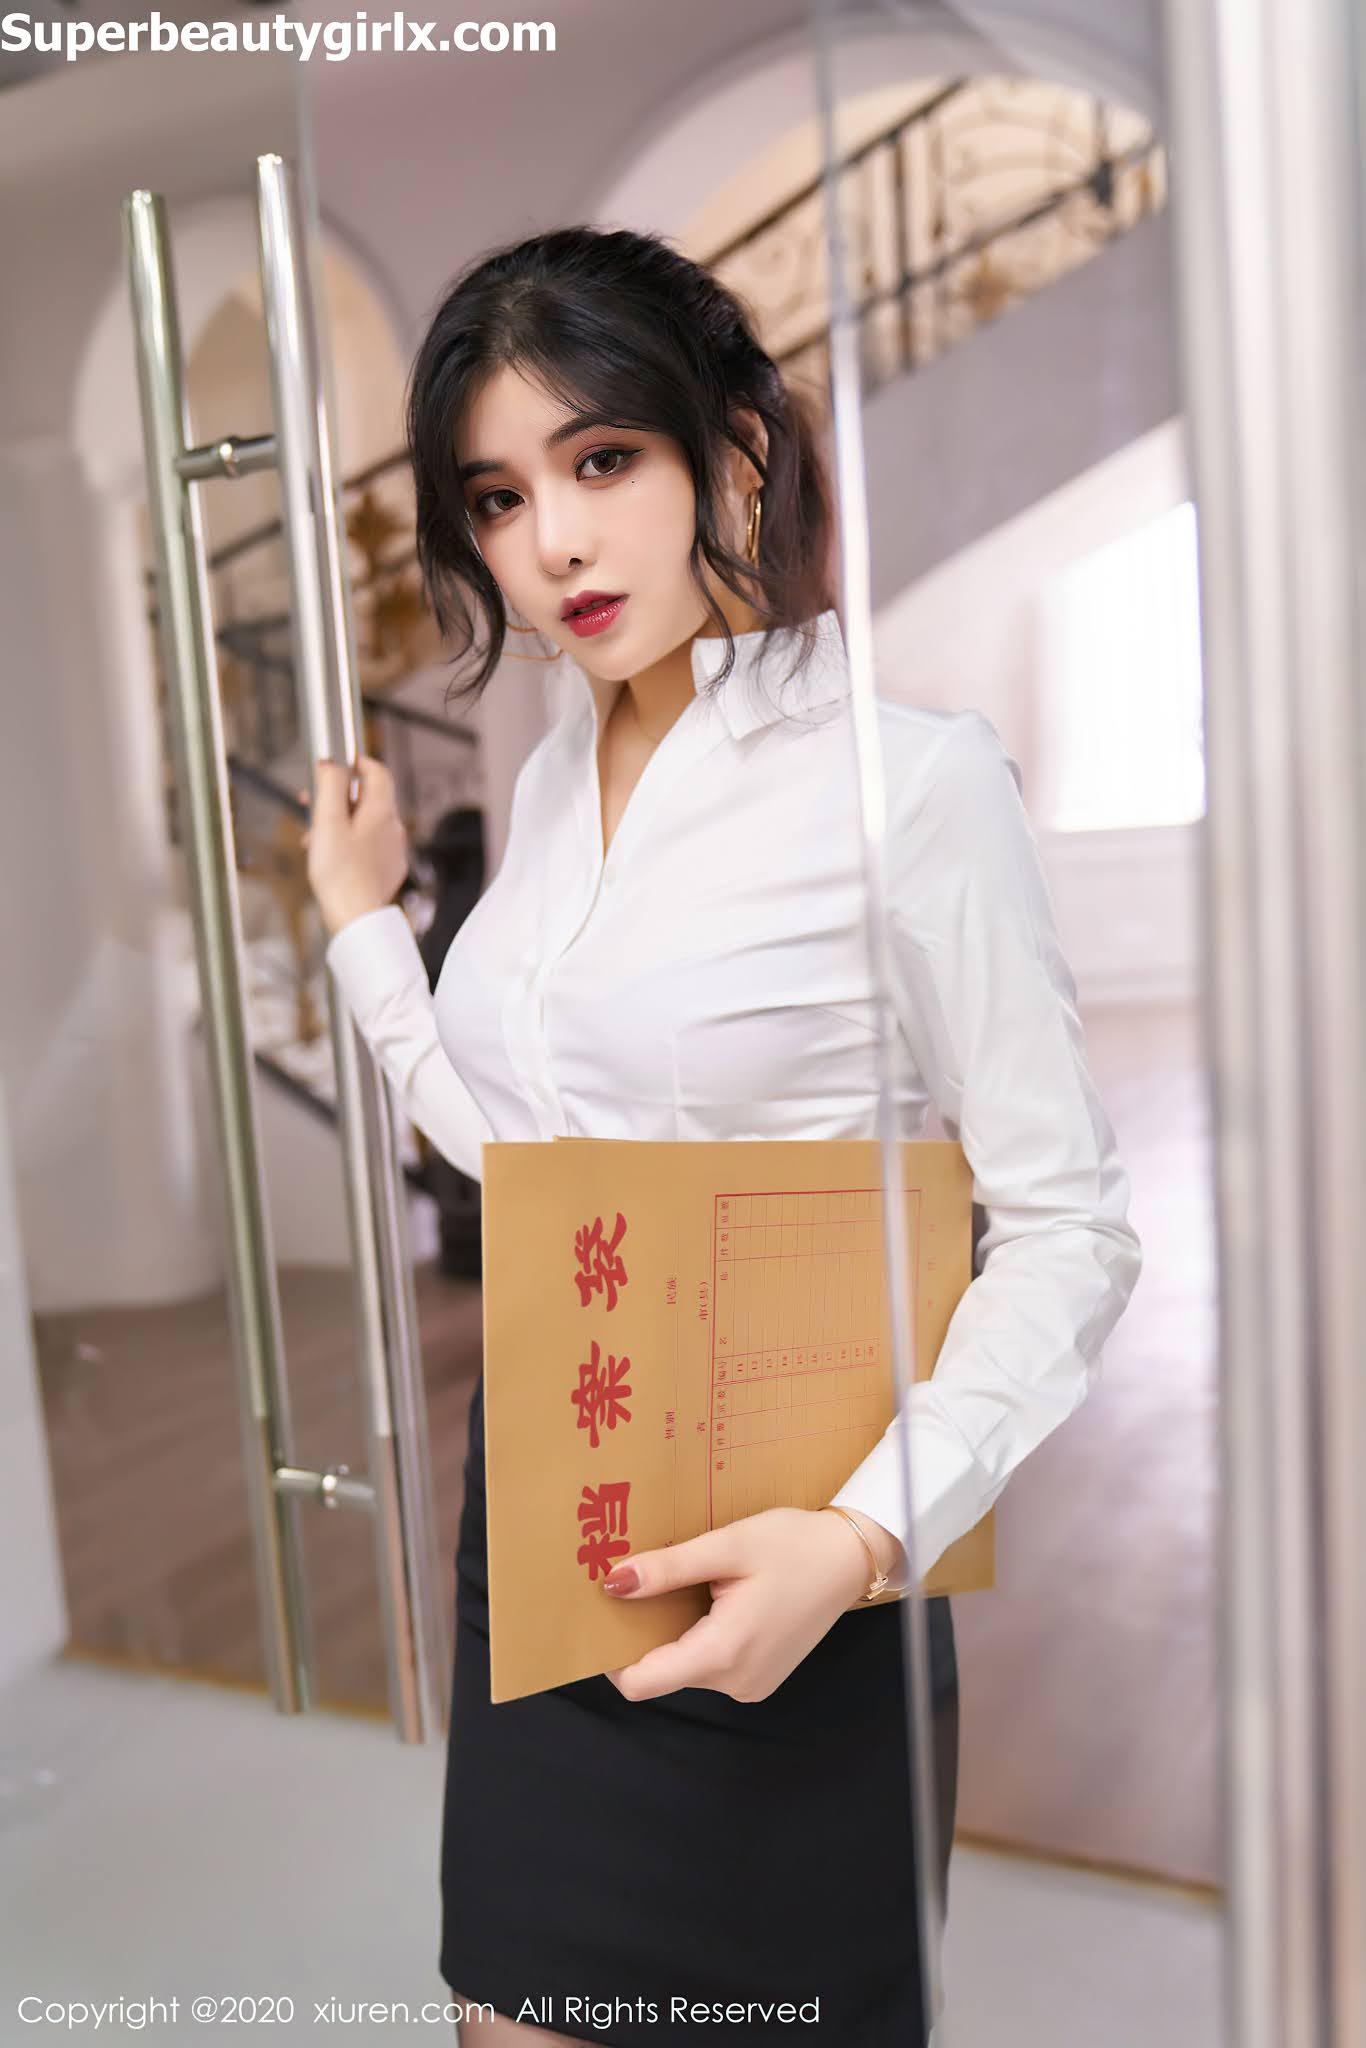 XIUREN-No.2768-Han-Jingan-Superbeautygirlx.com